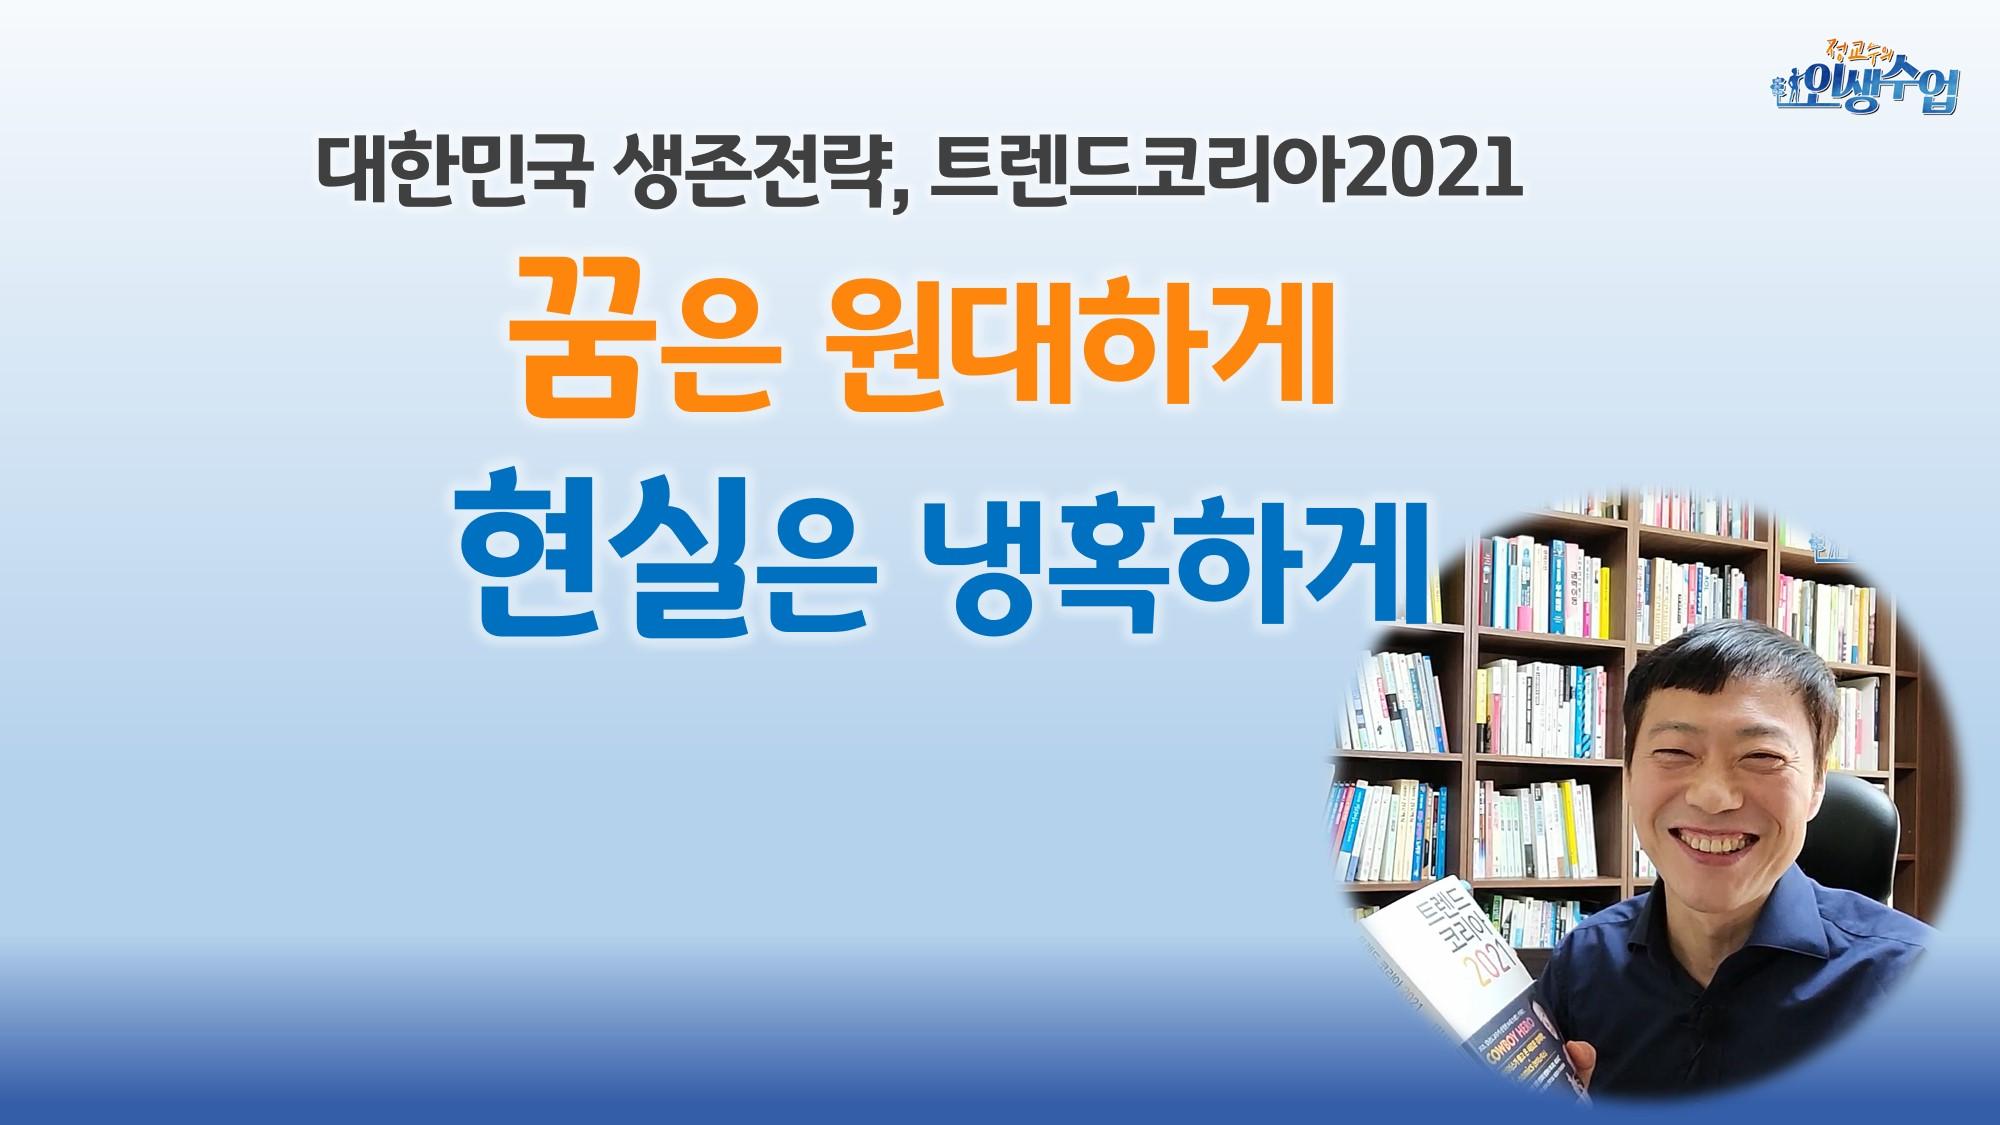 다가올 2021년 생존하고 싶다면 '꿈은 원대하게, 현실은 냉혹하게' (대한민국생존전략, 트렌드코리아2021)